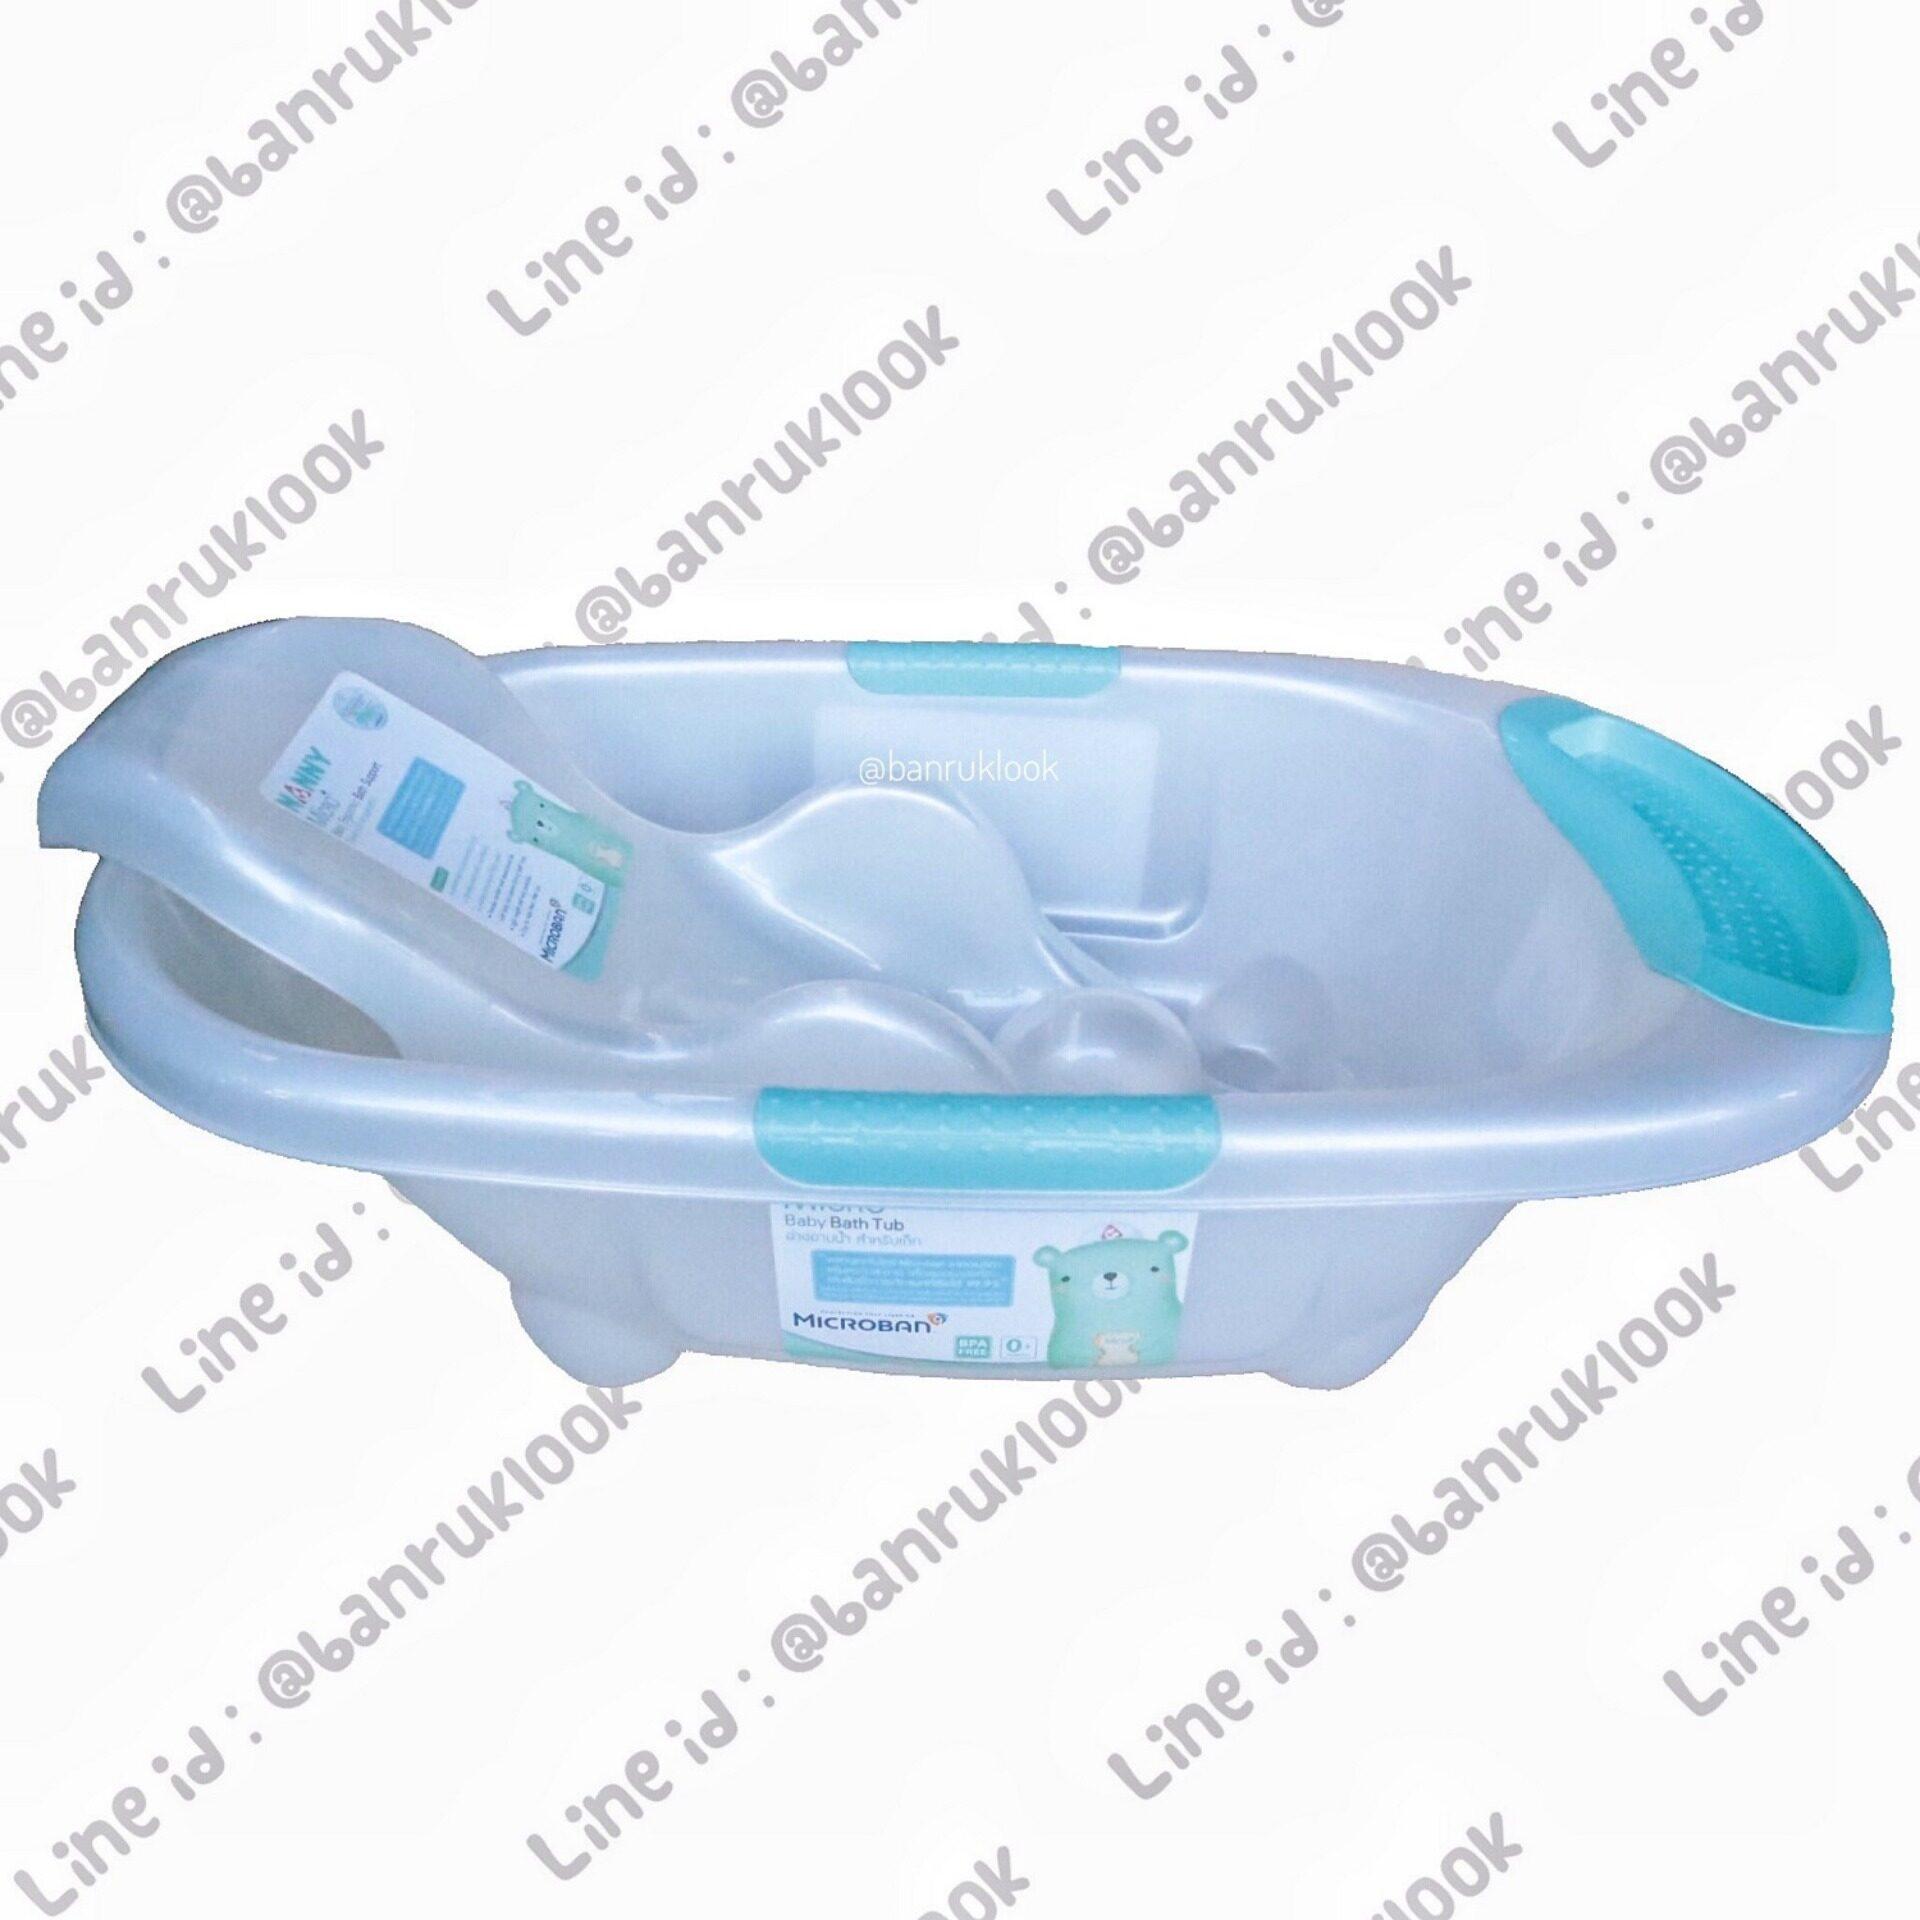 รีวิว NANNY Microban อ่างอาบน้ำเด็ก มีจุกปล่อยน้ำ + เก้าอี้รองอาบน้ำ รุ่น N273 (สีขาวมุก)